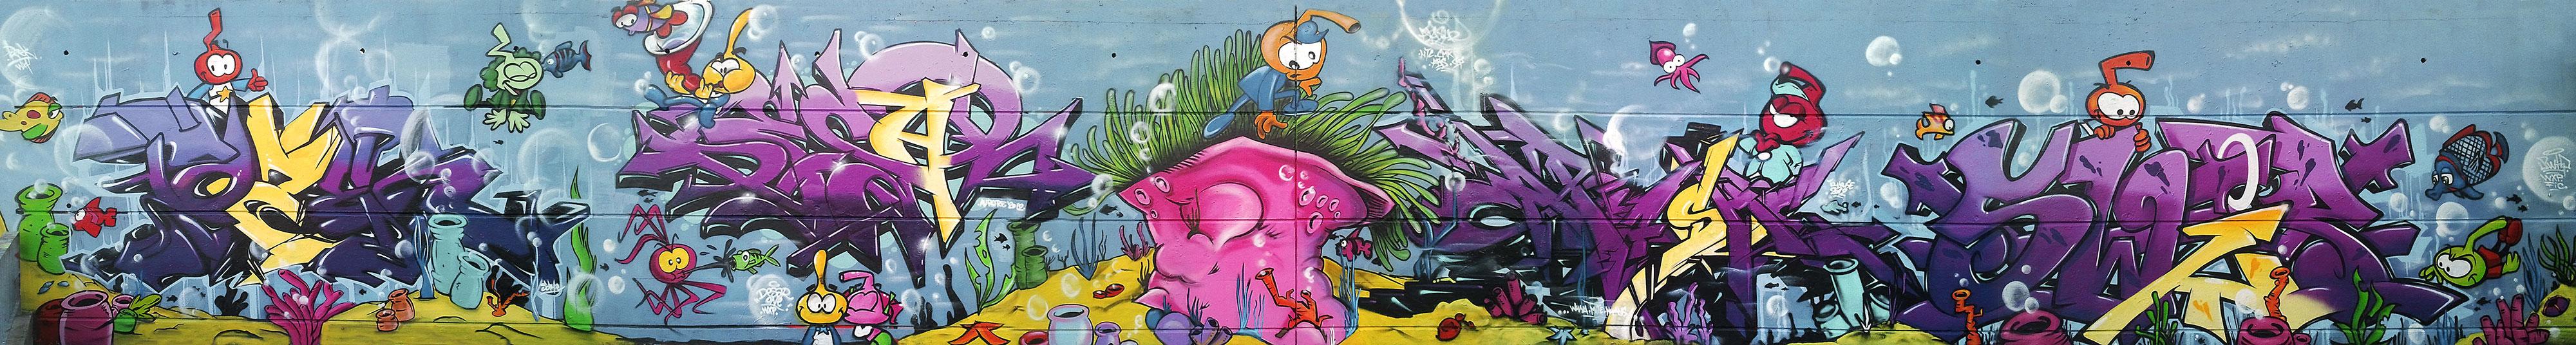 fresque